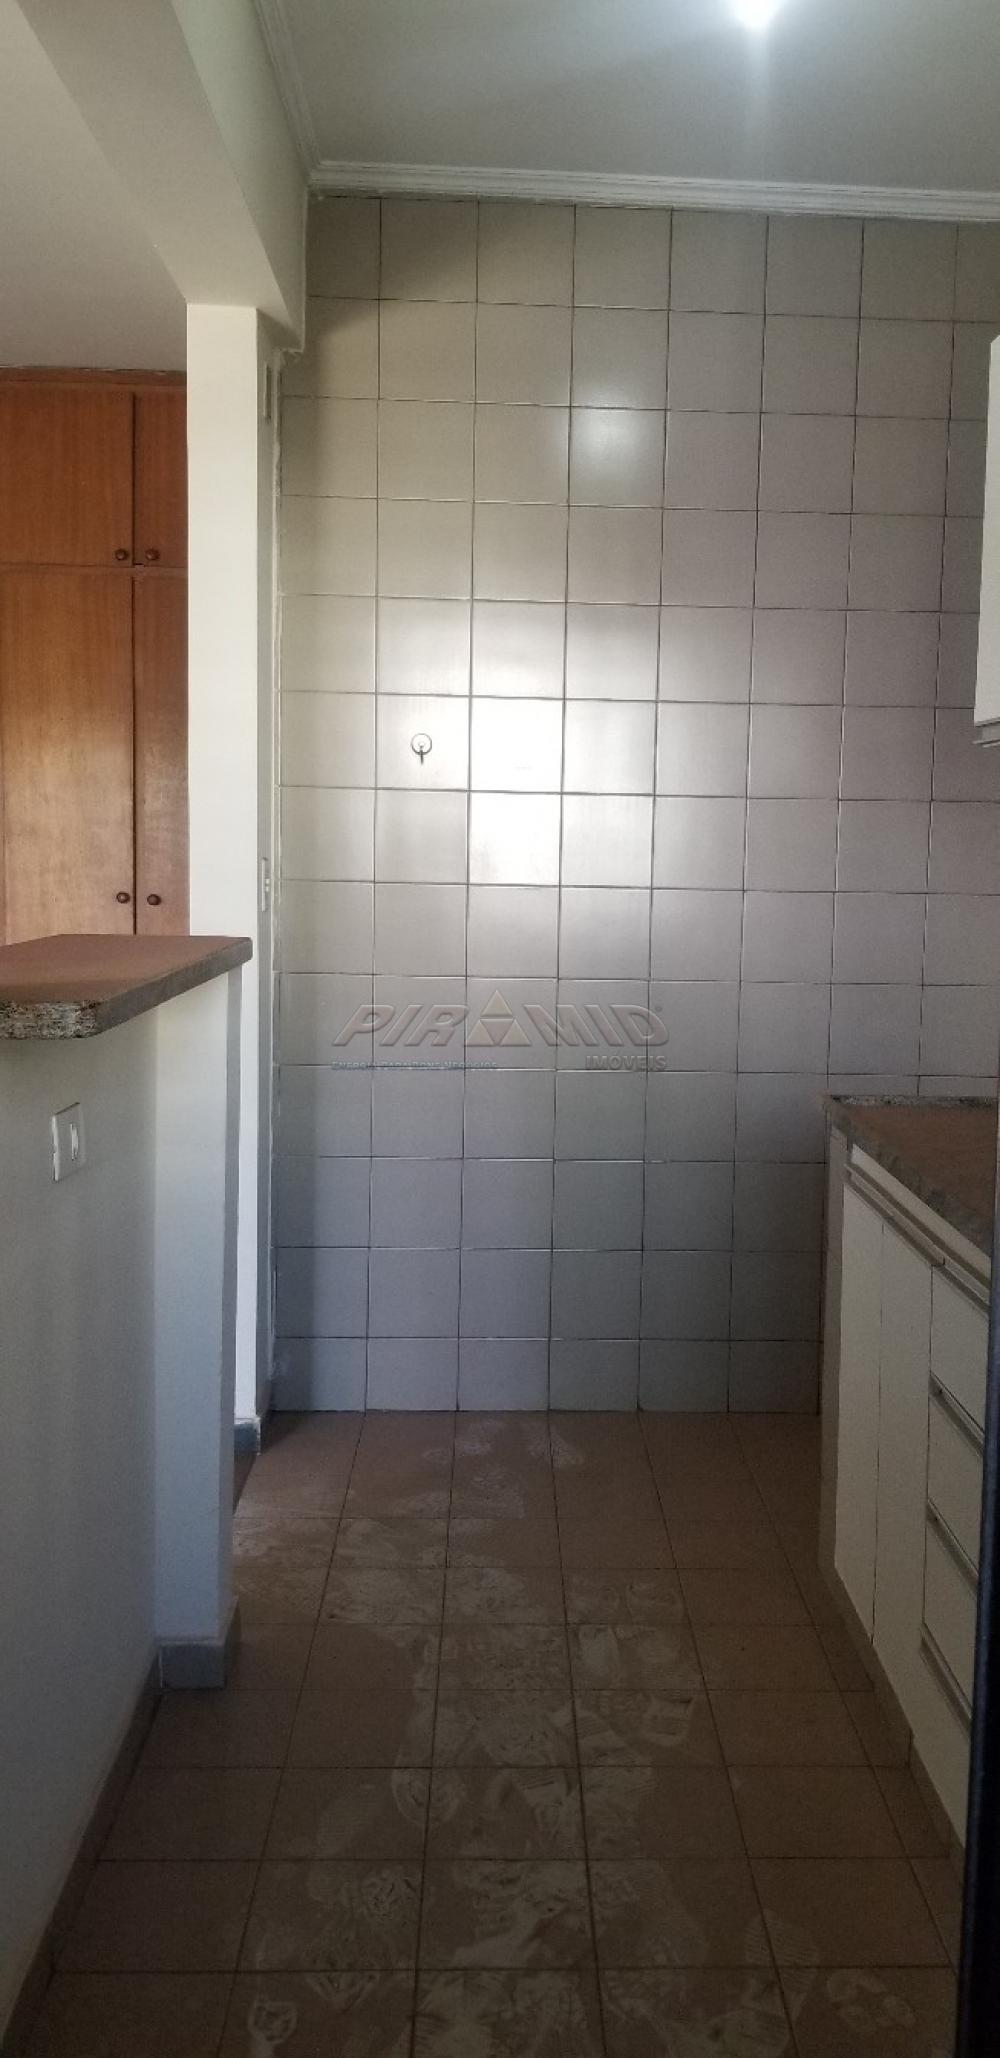 Alugar Apartamento / Padrão em Ribeirão Preto apenas R$ 600,00 - Foto 7